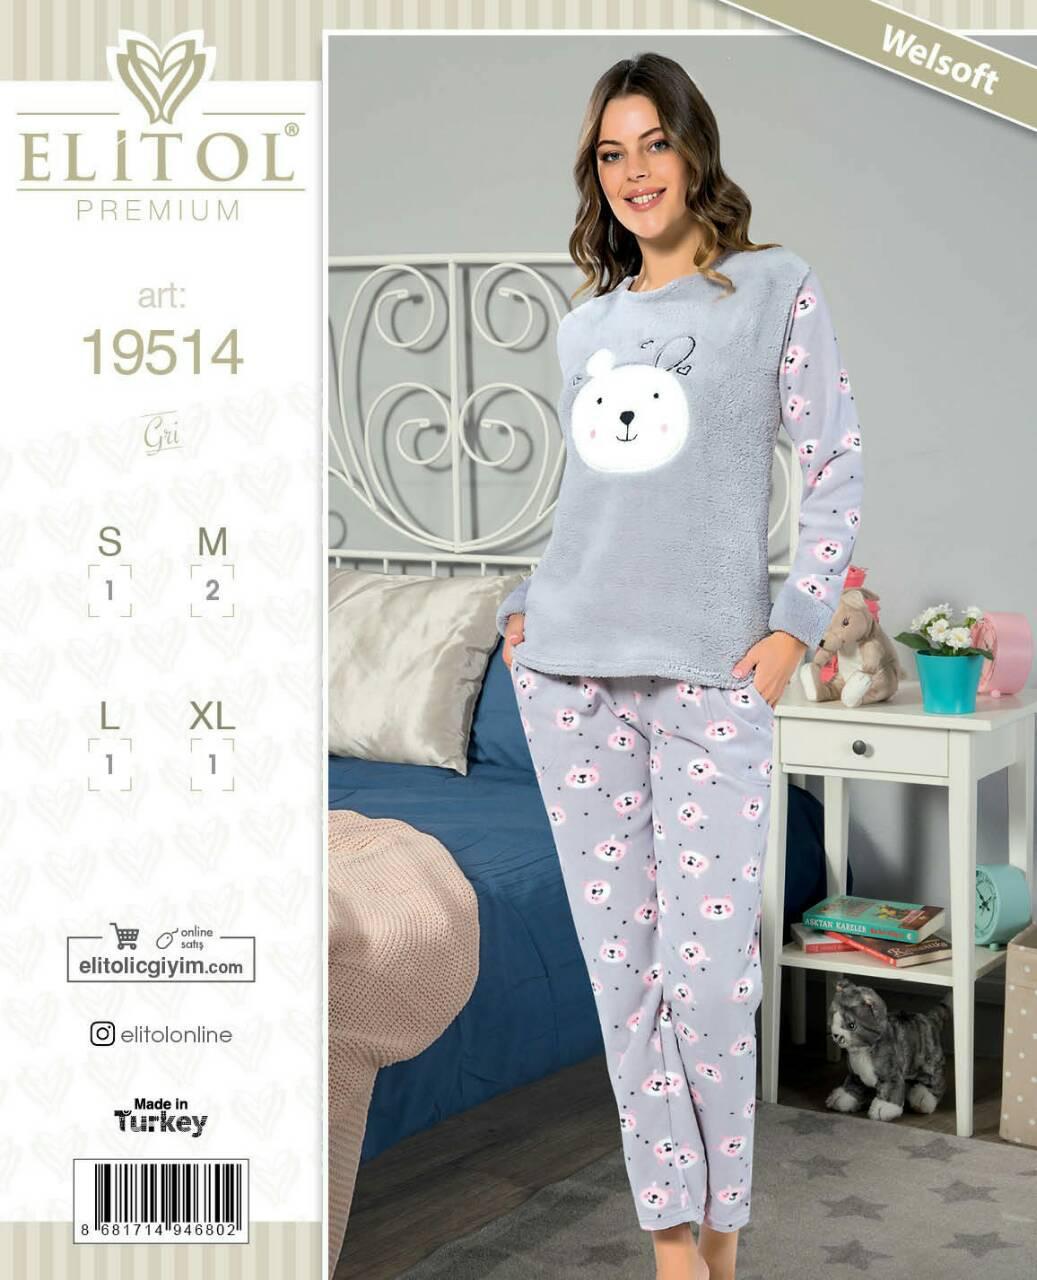 Домашняя одежда Elitol Турция - Женское белье оптом Anfen, Donafen,  Donella, белье для e7b1b8a6a0f